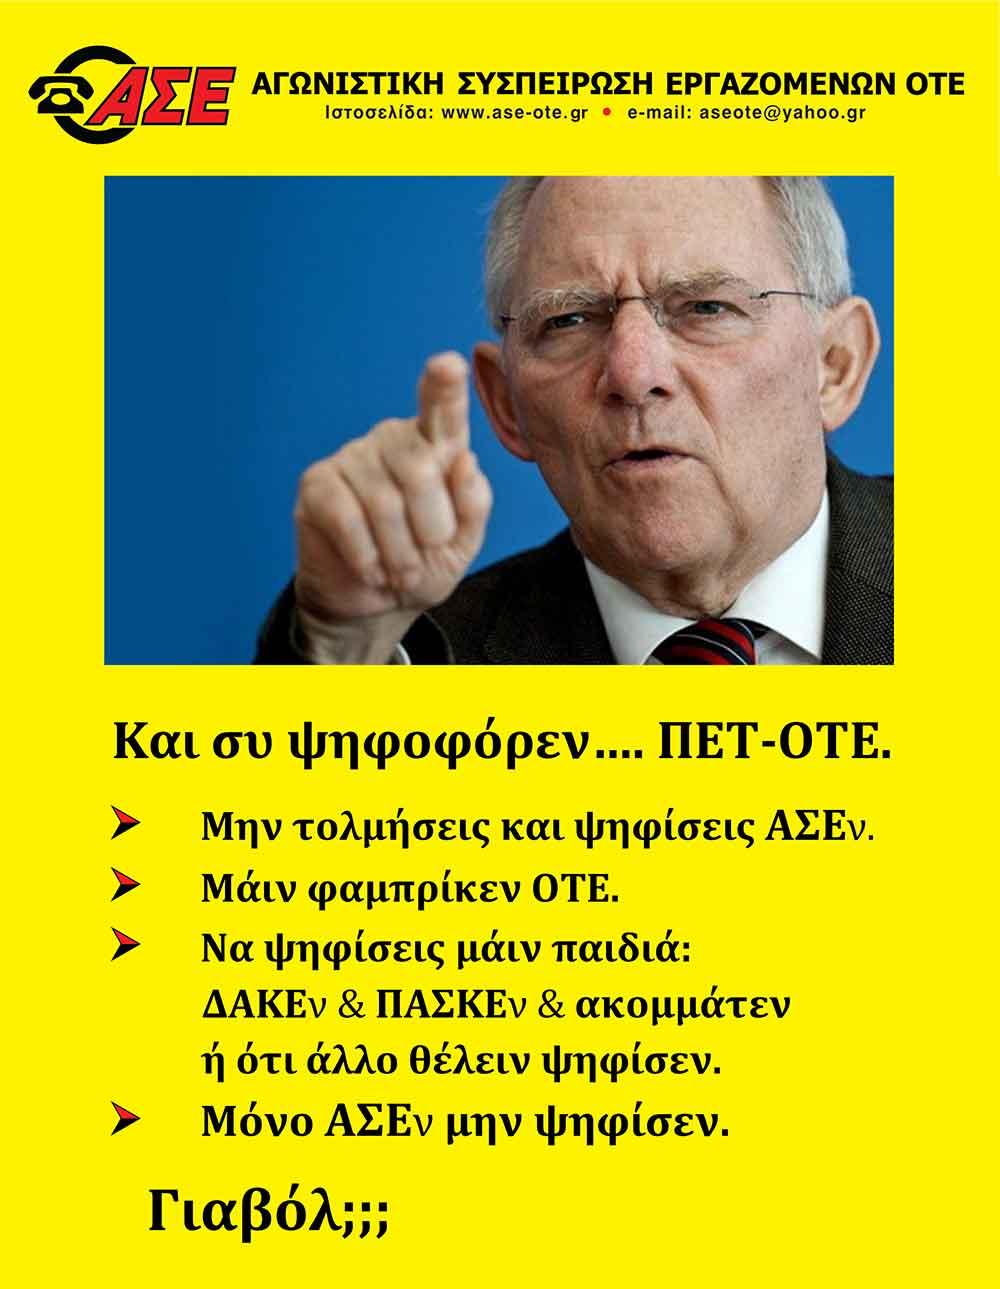 Αποτέλεσμα εικόνας για ΑΣΕ-ΟΤΕ